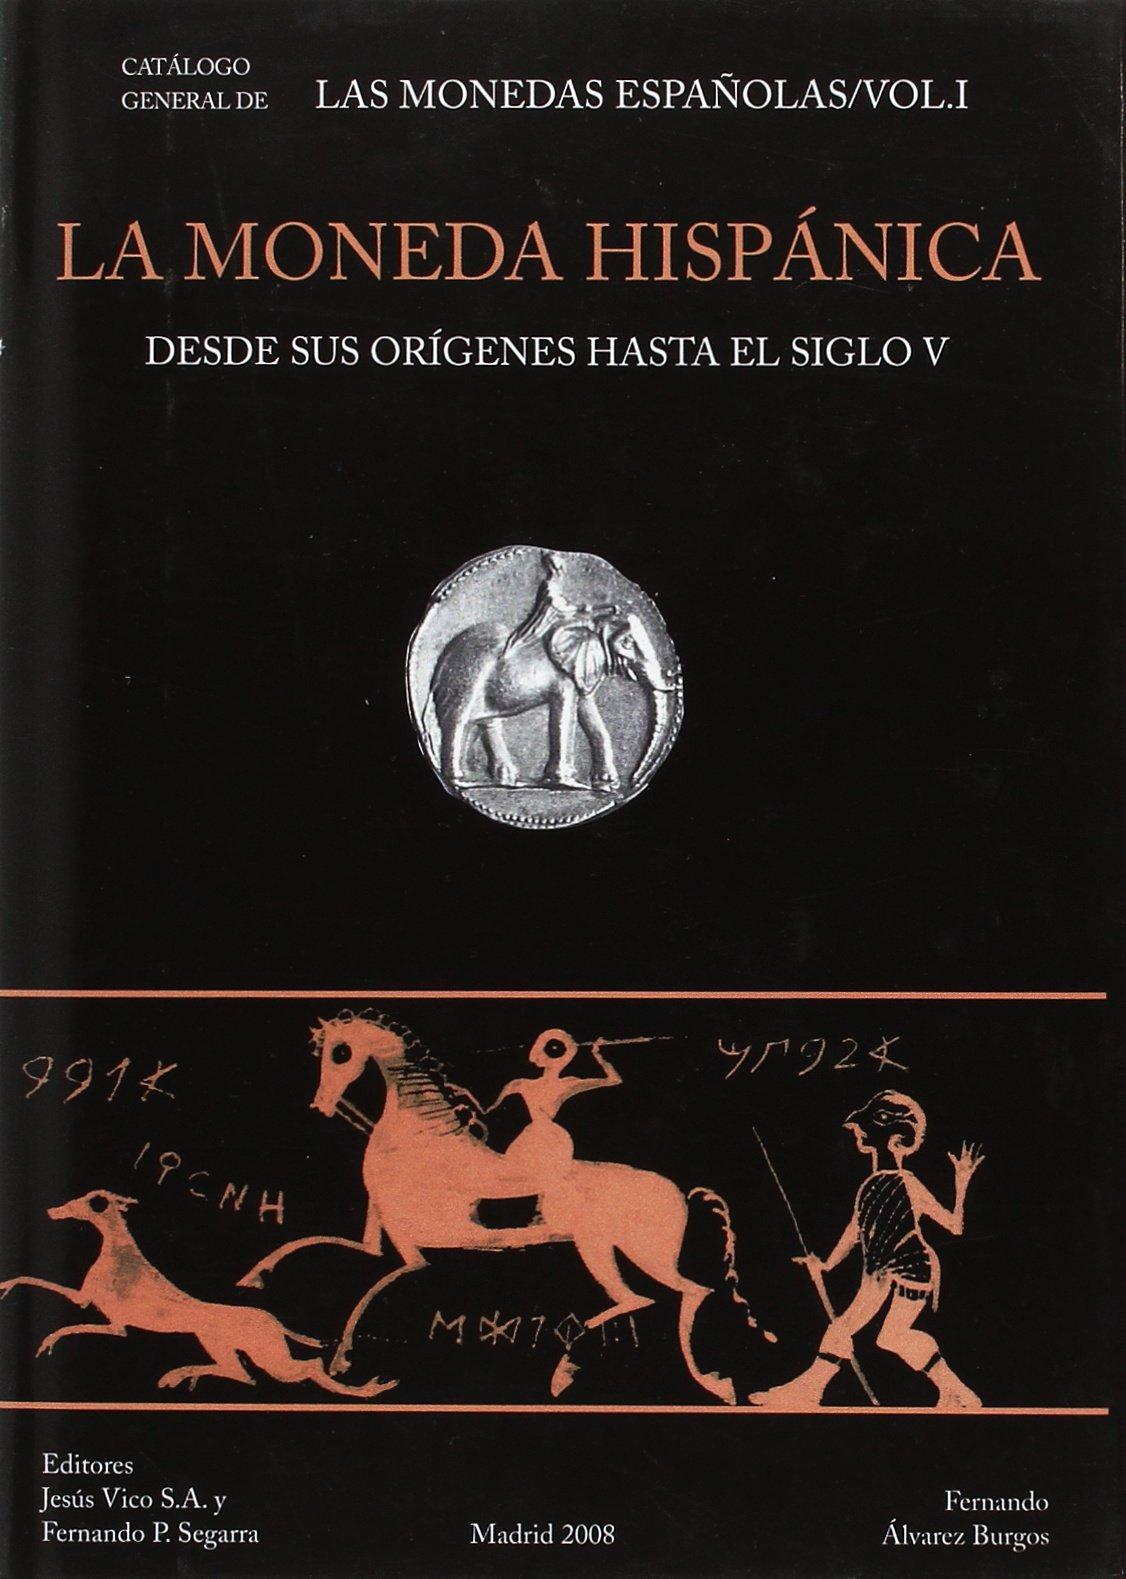 Moneda hispanica, la : desde sus origenes hasta el siglo V: Amazon.es: Alvarez Burgos, Fernando: Libros